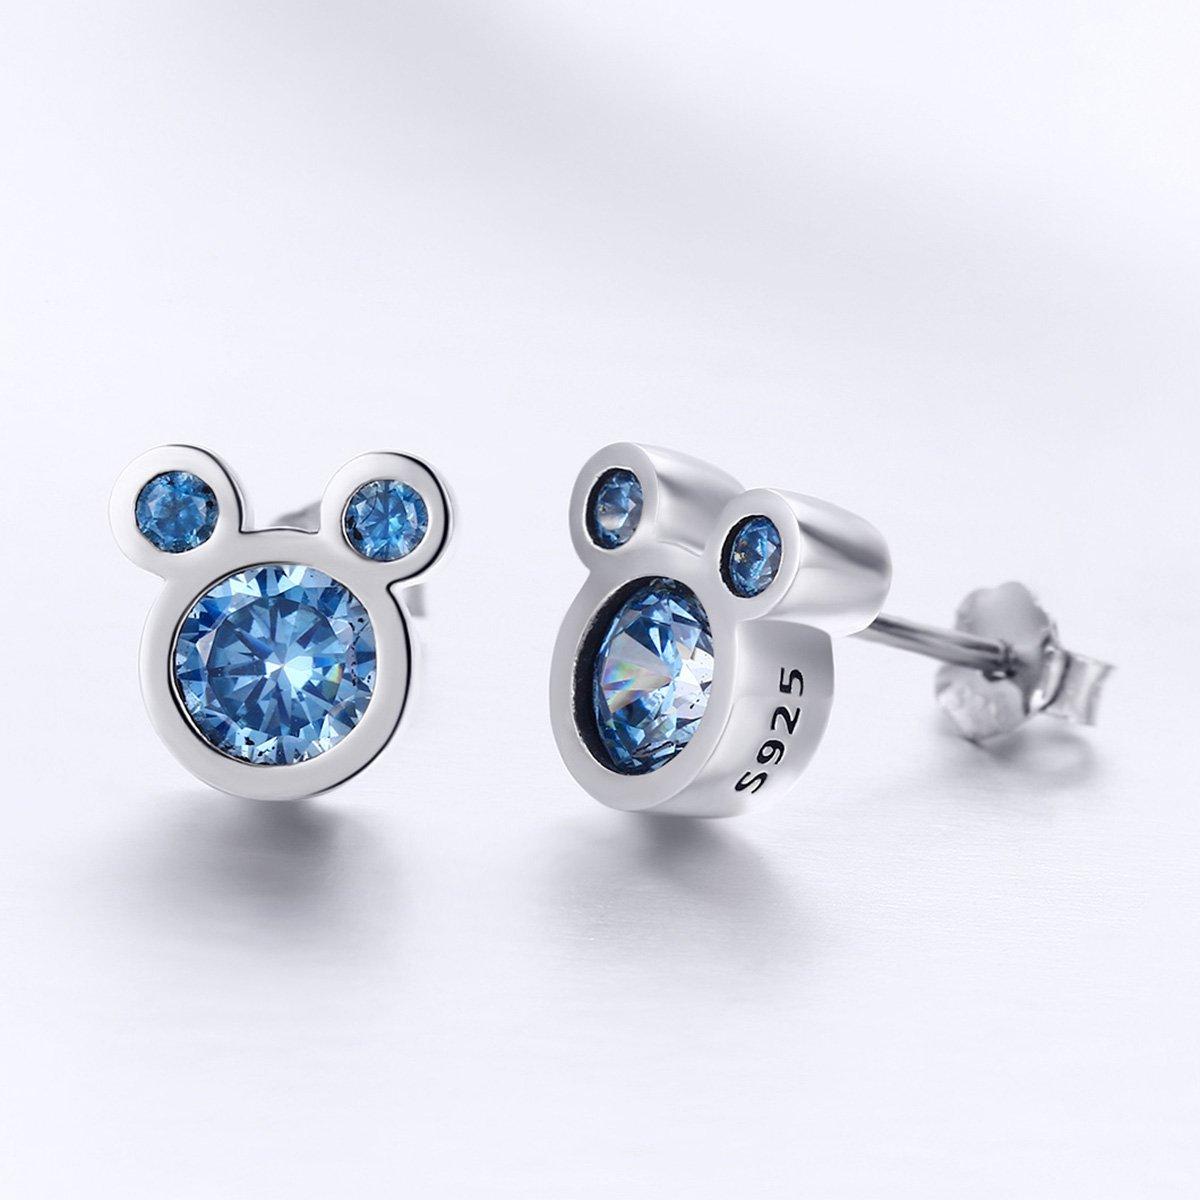 dd1b27f33 Amazon.com: BAMOER Mouse Stud Earrings Sterling Silver Blue Birthstone Earrings  Stud for Women Birthday Gift: Jewelry